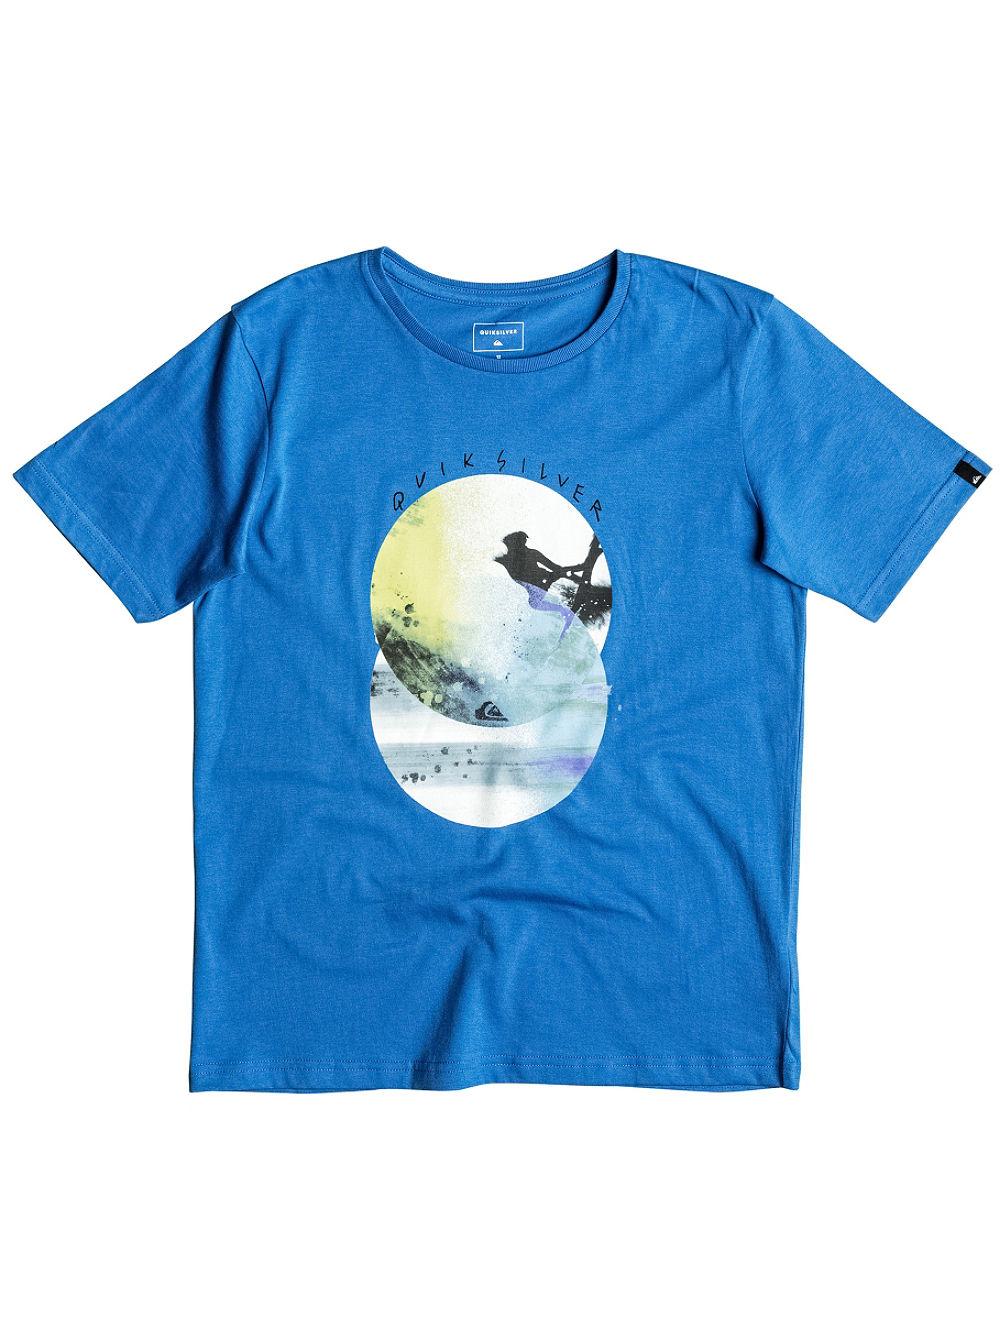 quiksilver-double-bubble-t-shirt-boys